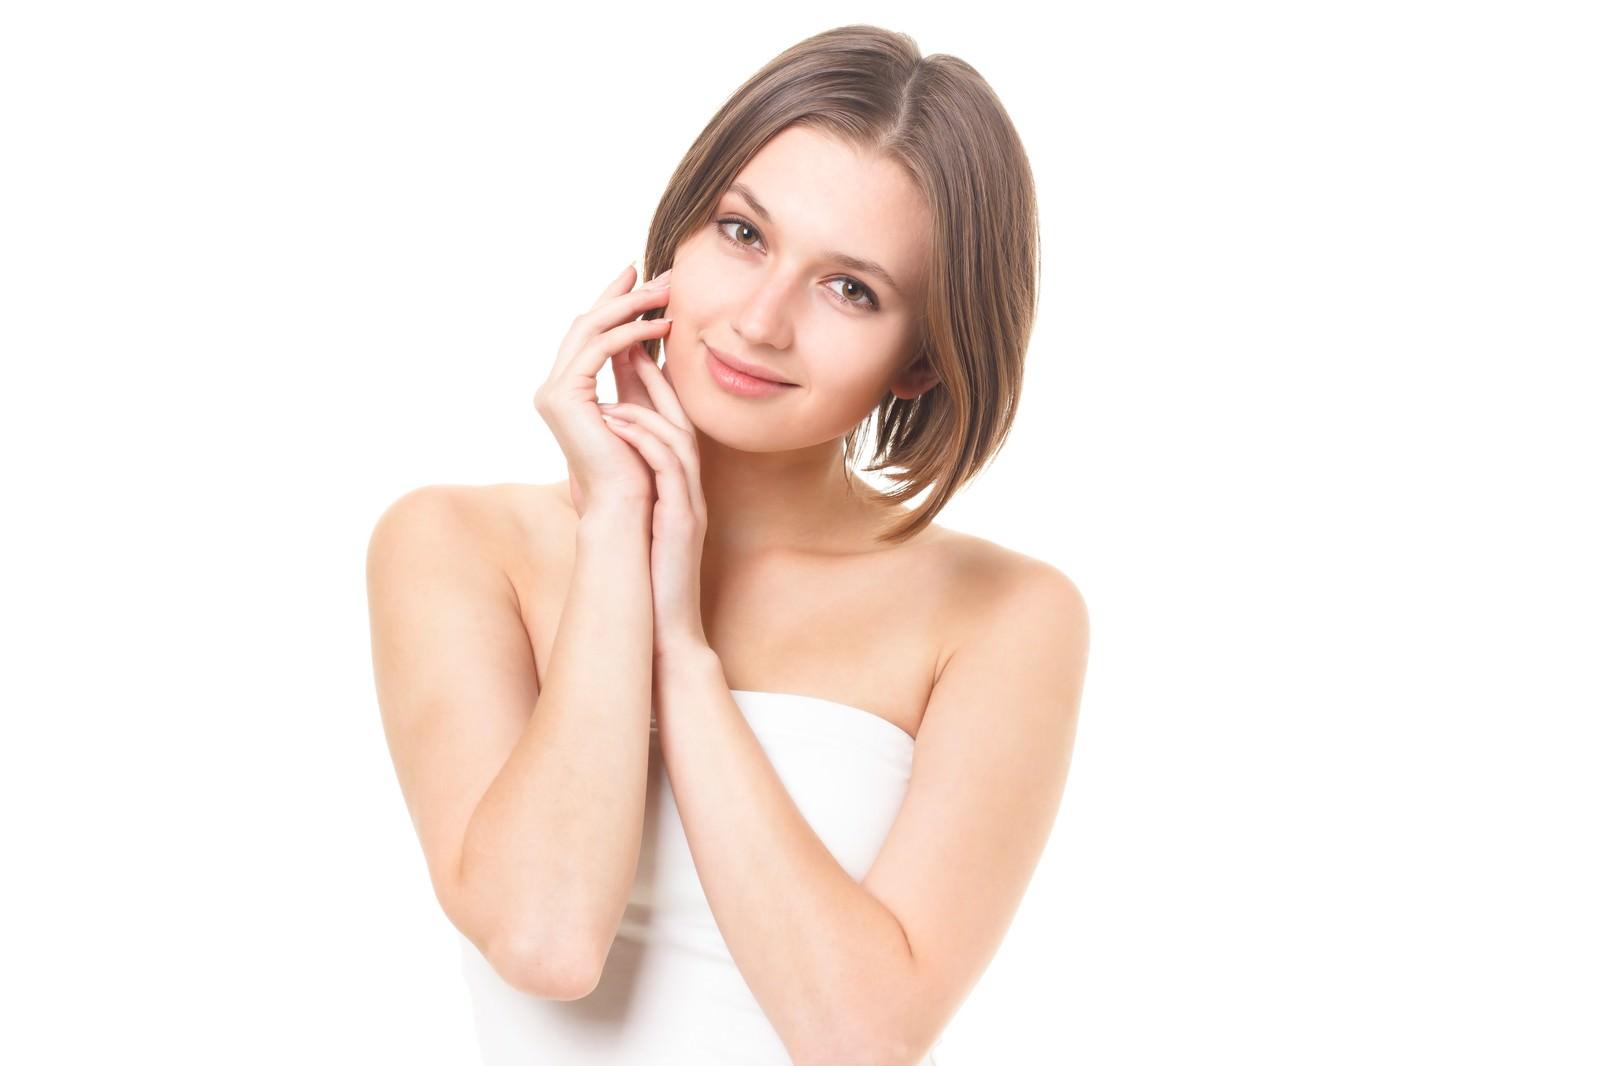 「微笑む女性(ボディケア)」の写真[モデル:モデルファクトリー]